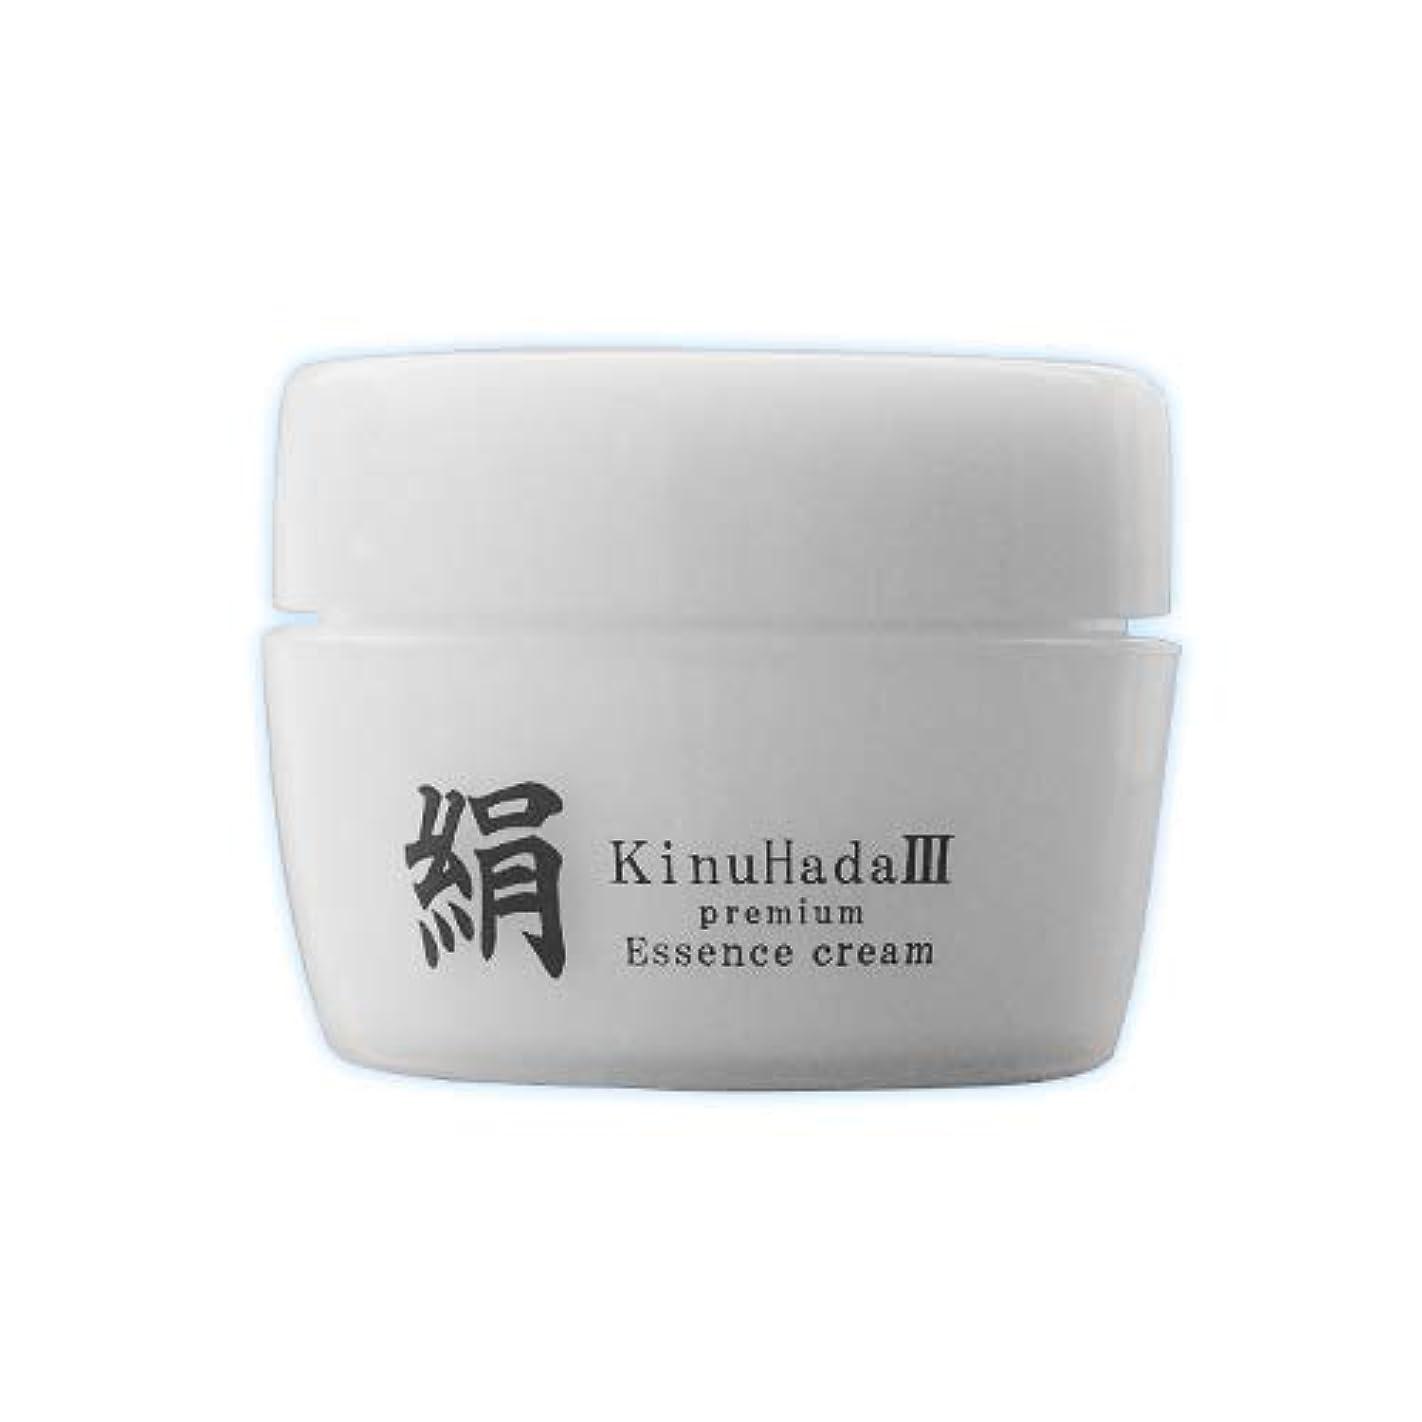 壁レンド認知KinuHada 3 premium 60g オールインワン 美容液 絹